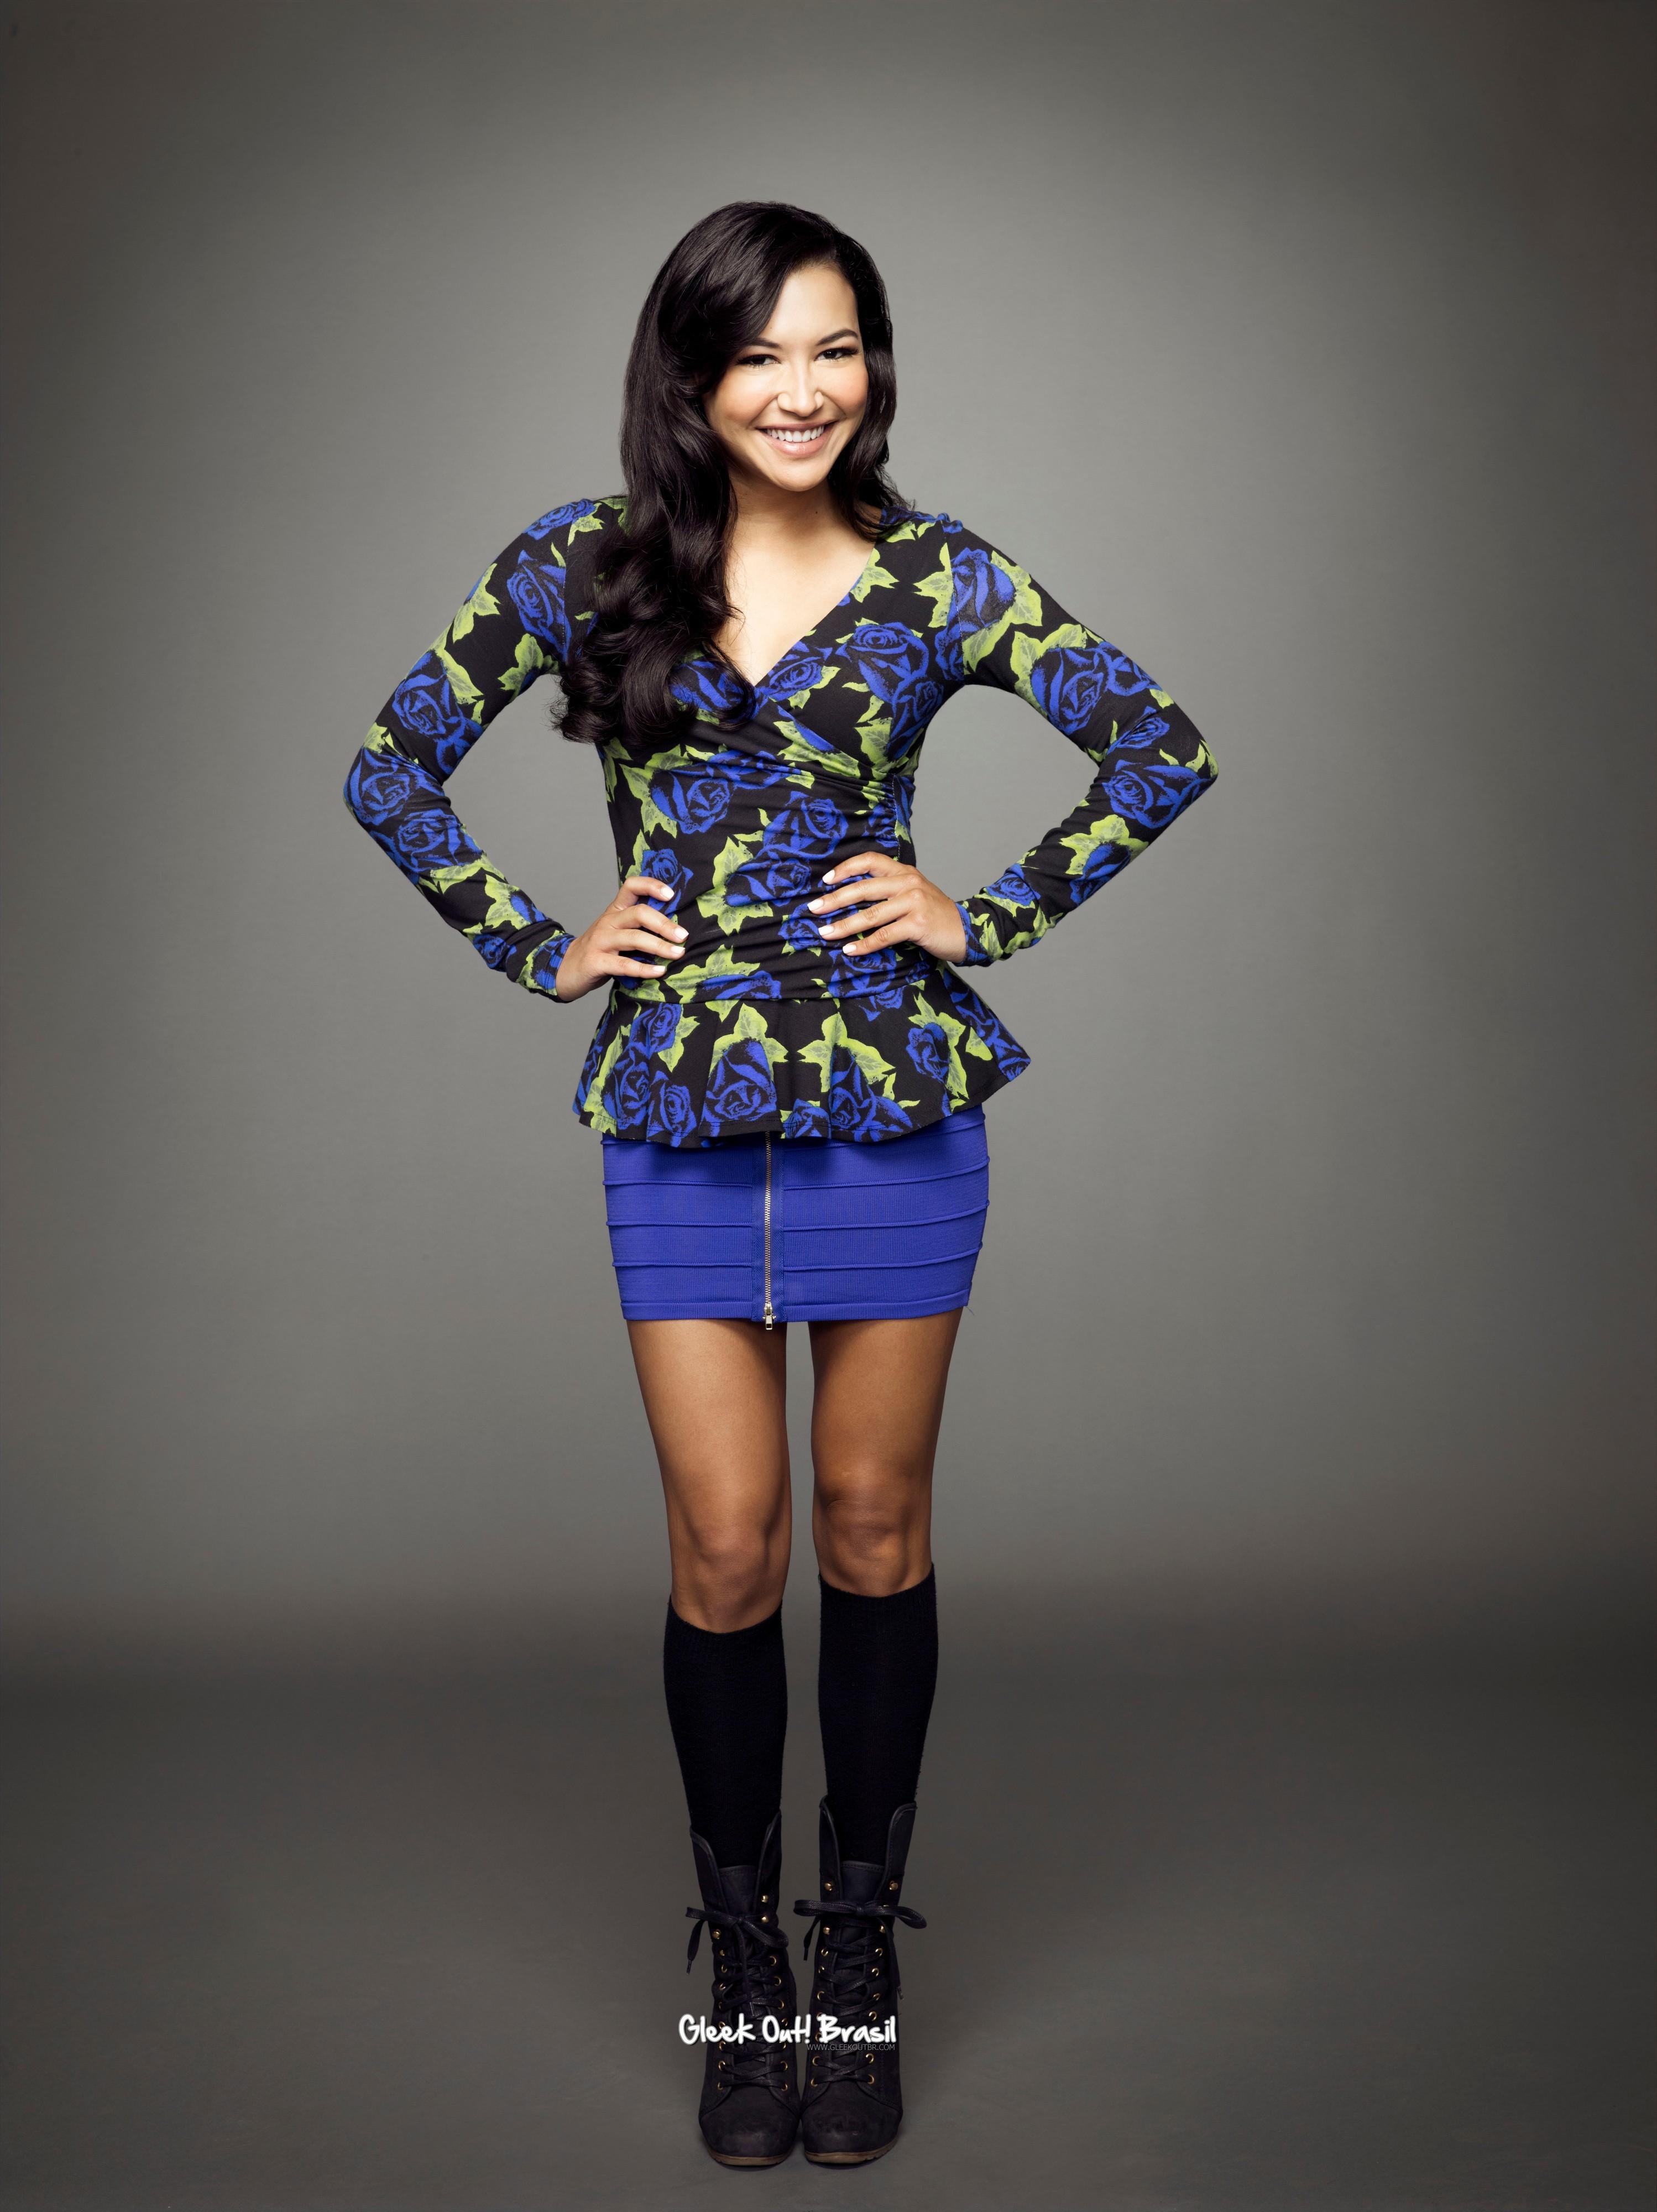 Santana lopez season 4 promo